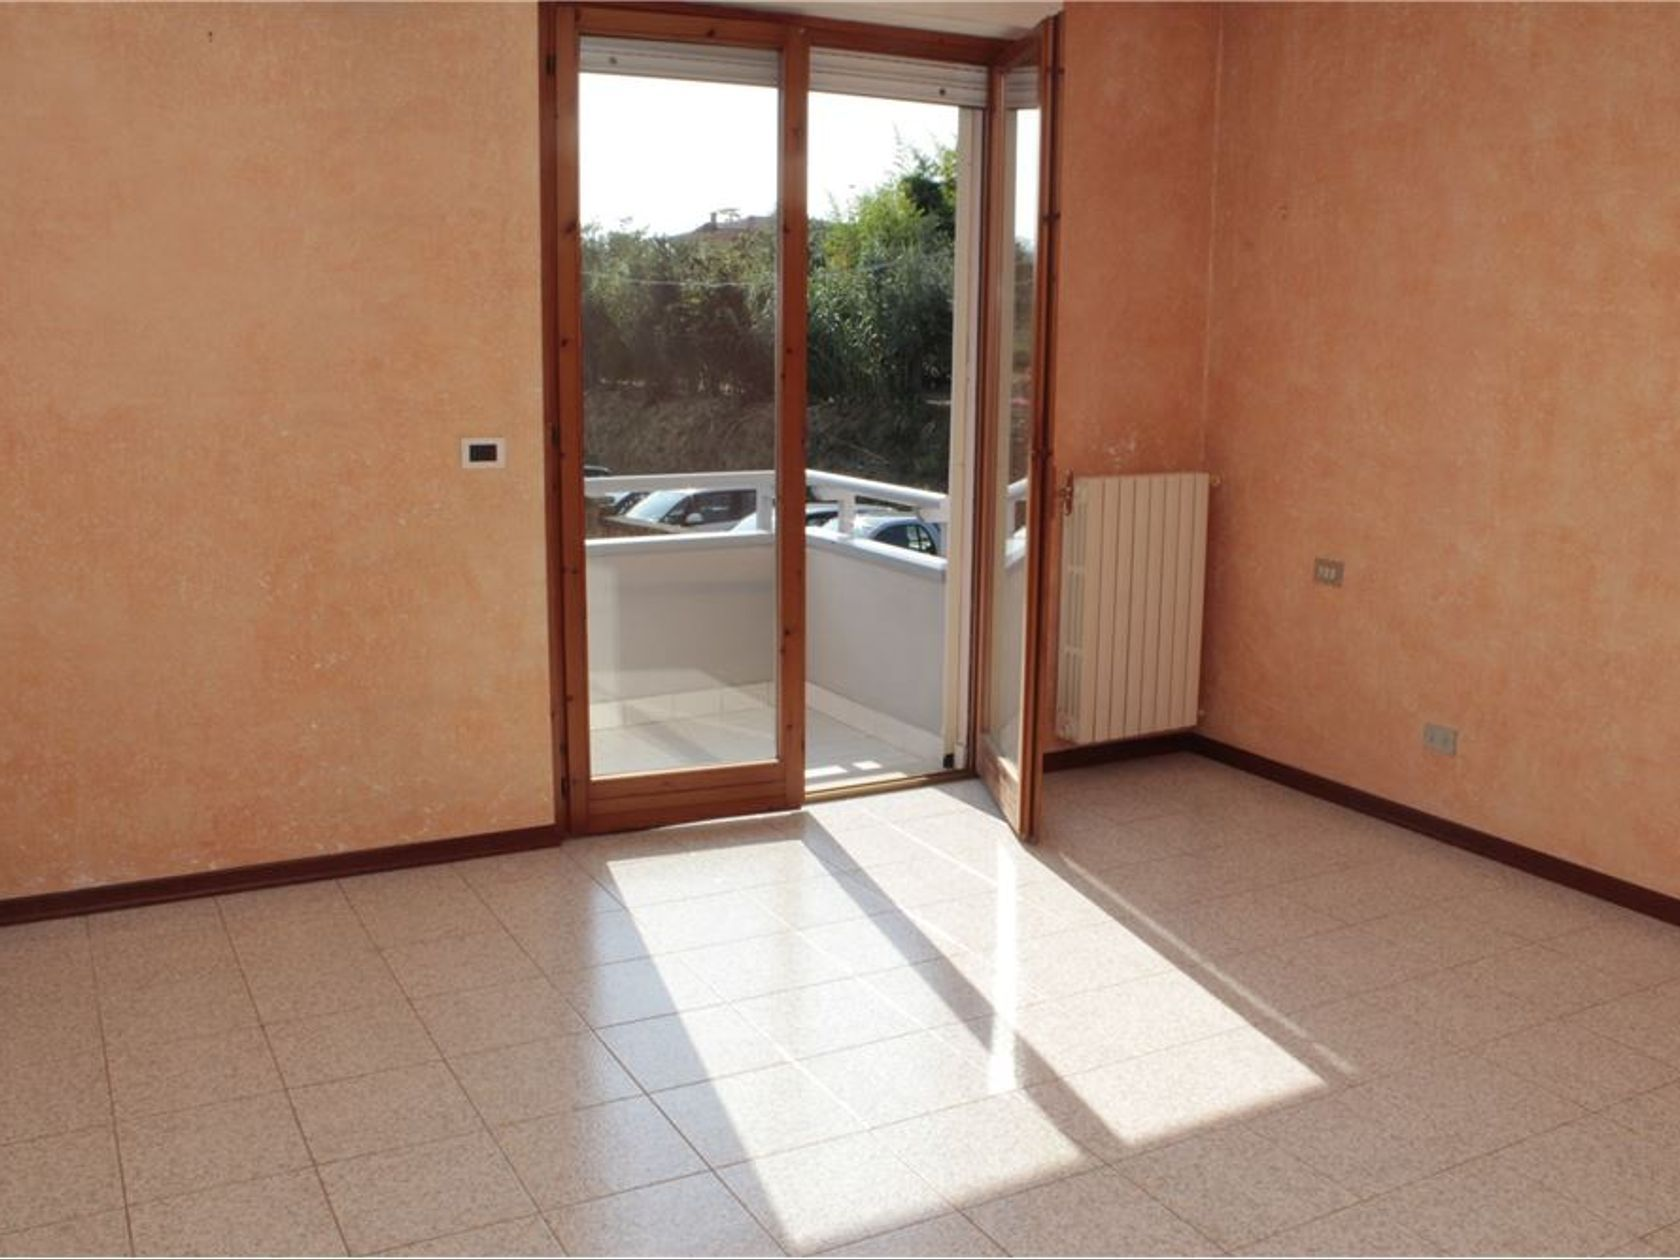 Villa a schiera Pescara-colle Innamorati, Pescara, PE Vendita - Foto 13